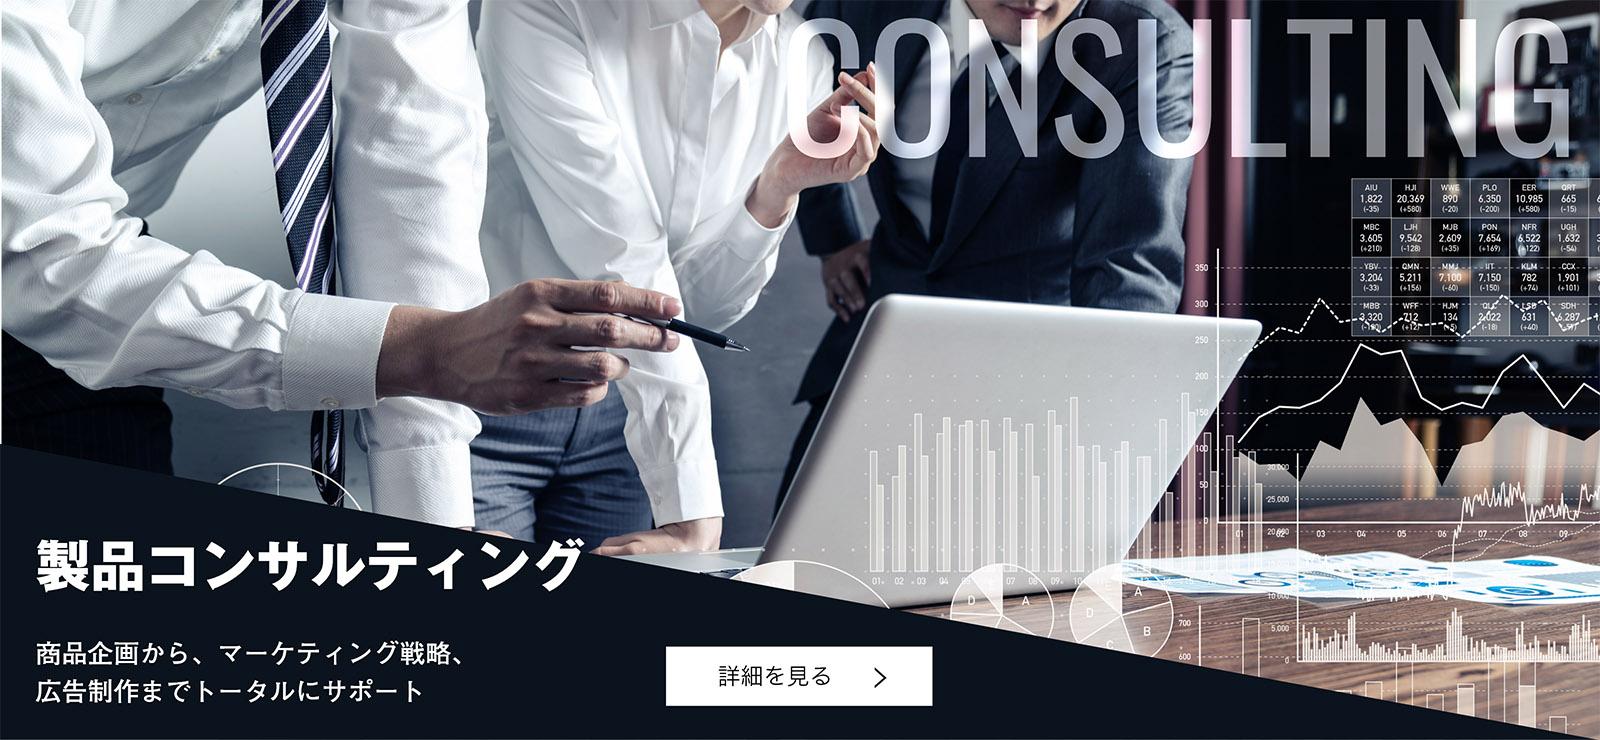 商品企画から、マーケティング戦略、広告制作までトータルにサポート